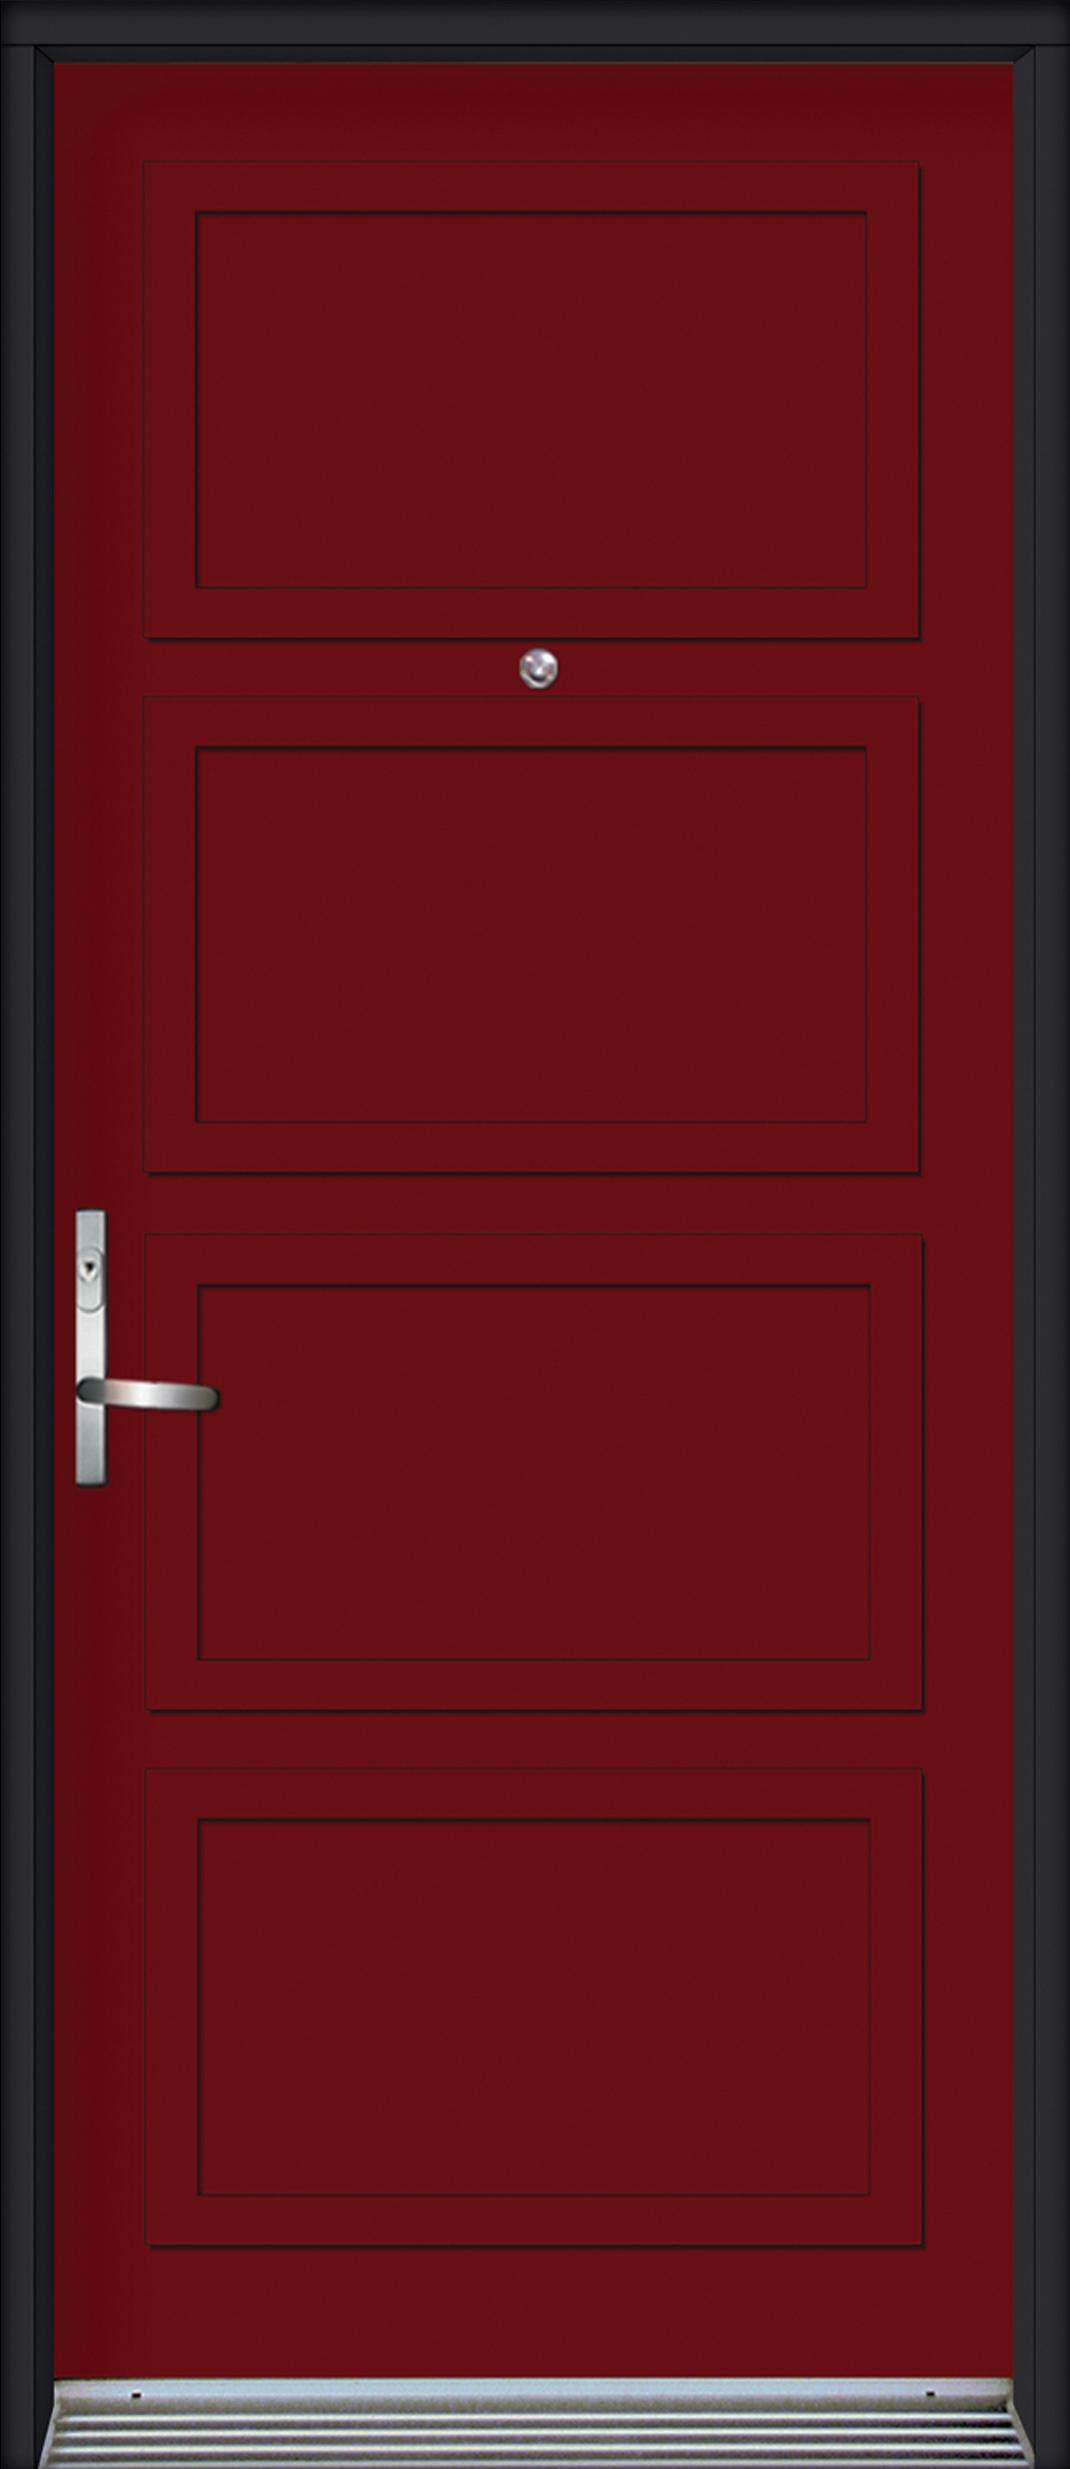 Porte contemporaine gamma 1 portatec for Porte contemporaine